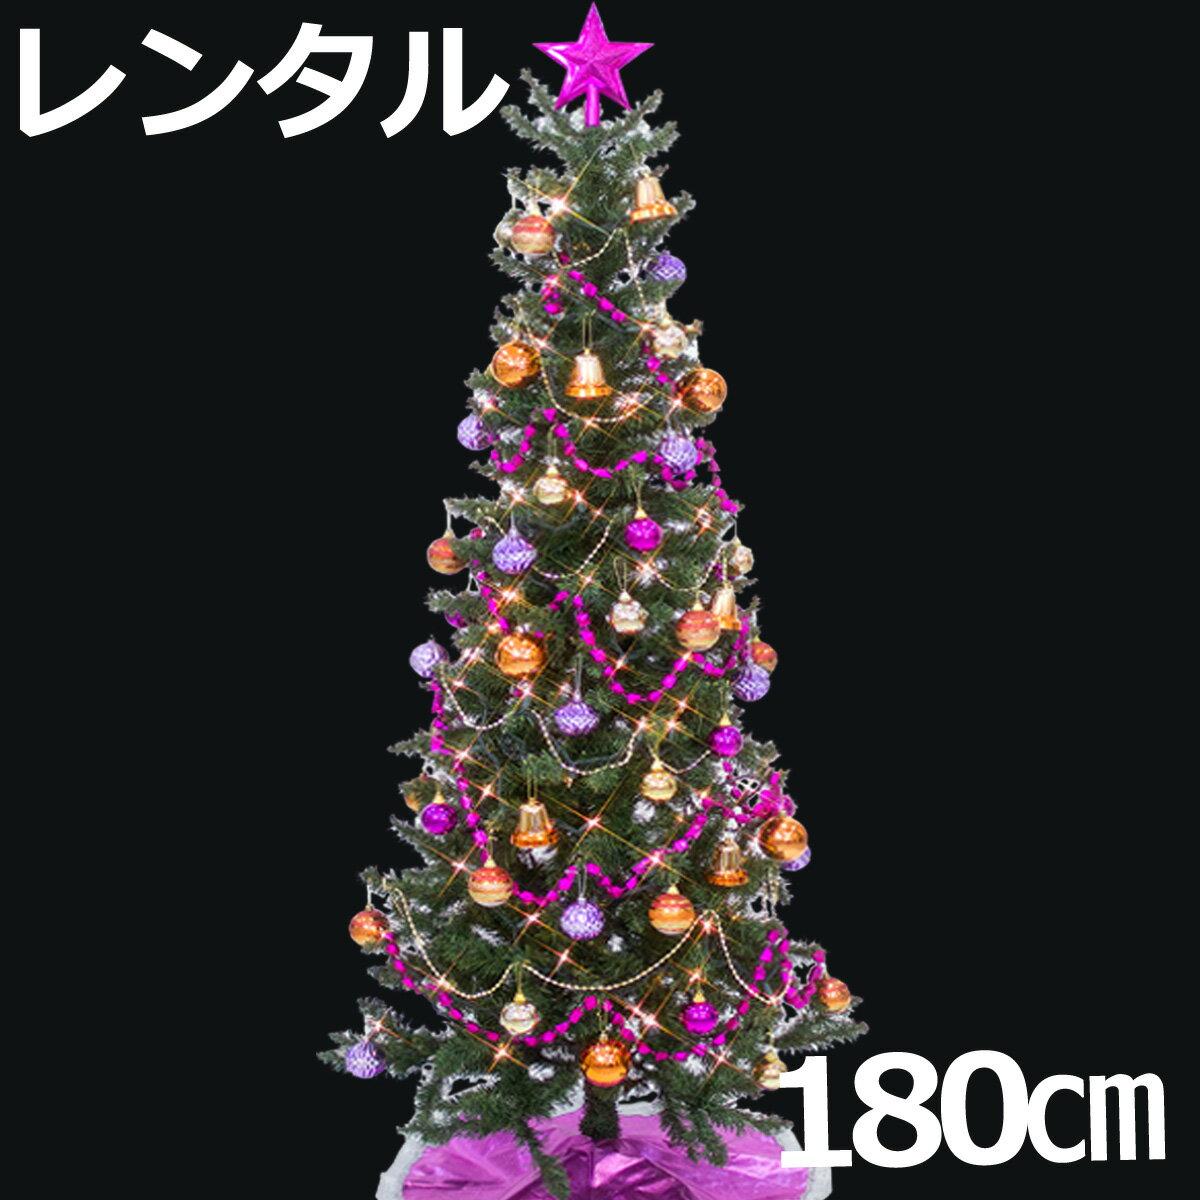 【レンタル】 スリム クリスマスツリー セット 180cm シャイニーピンク 【往復 送料無料】 クリスマスツリー レンタル fy16REN07